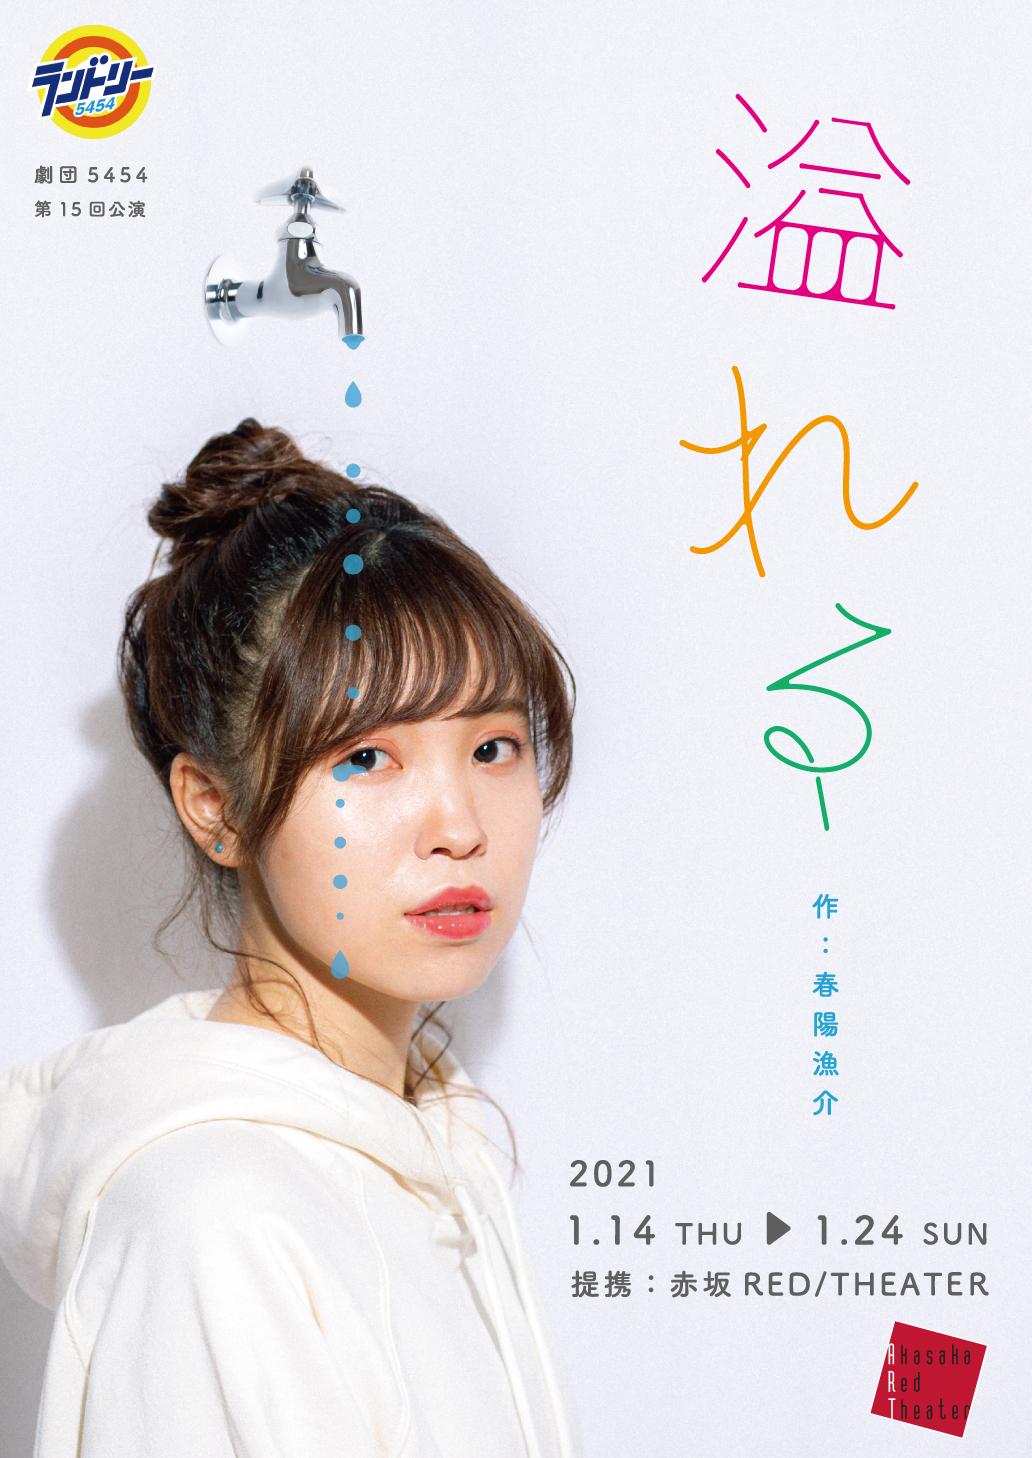 劇団5454 第15回公演 「溢れる」【劇場用】